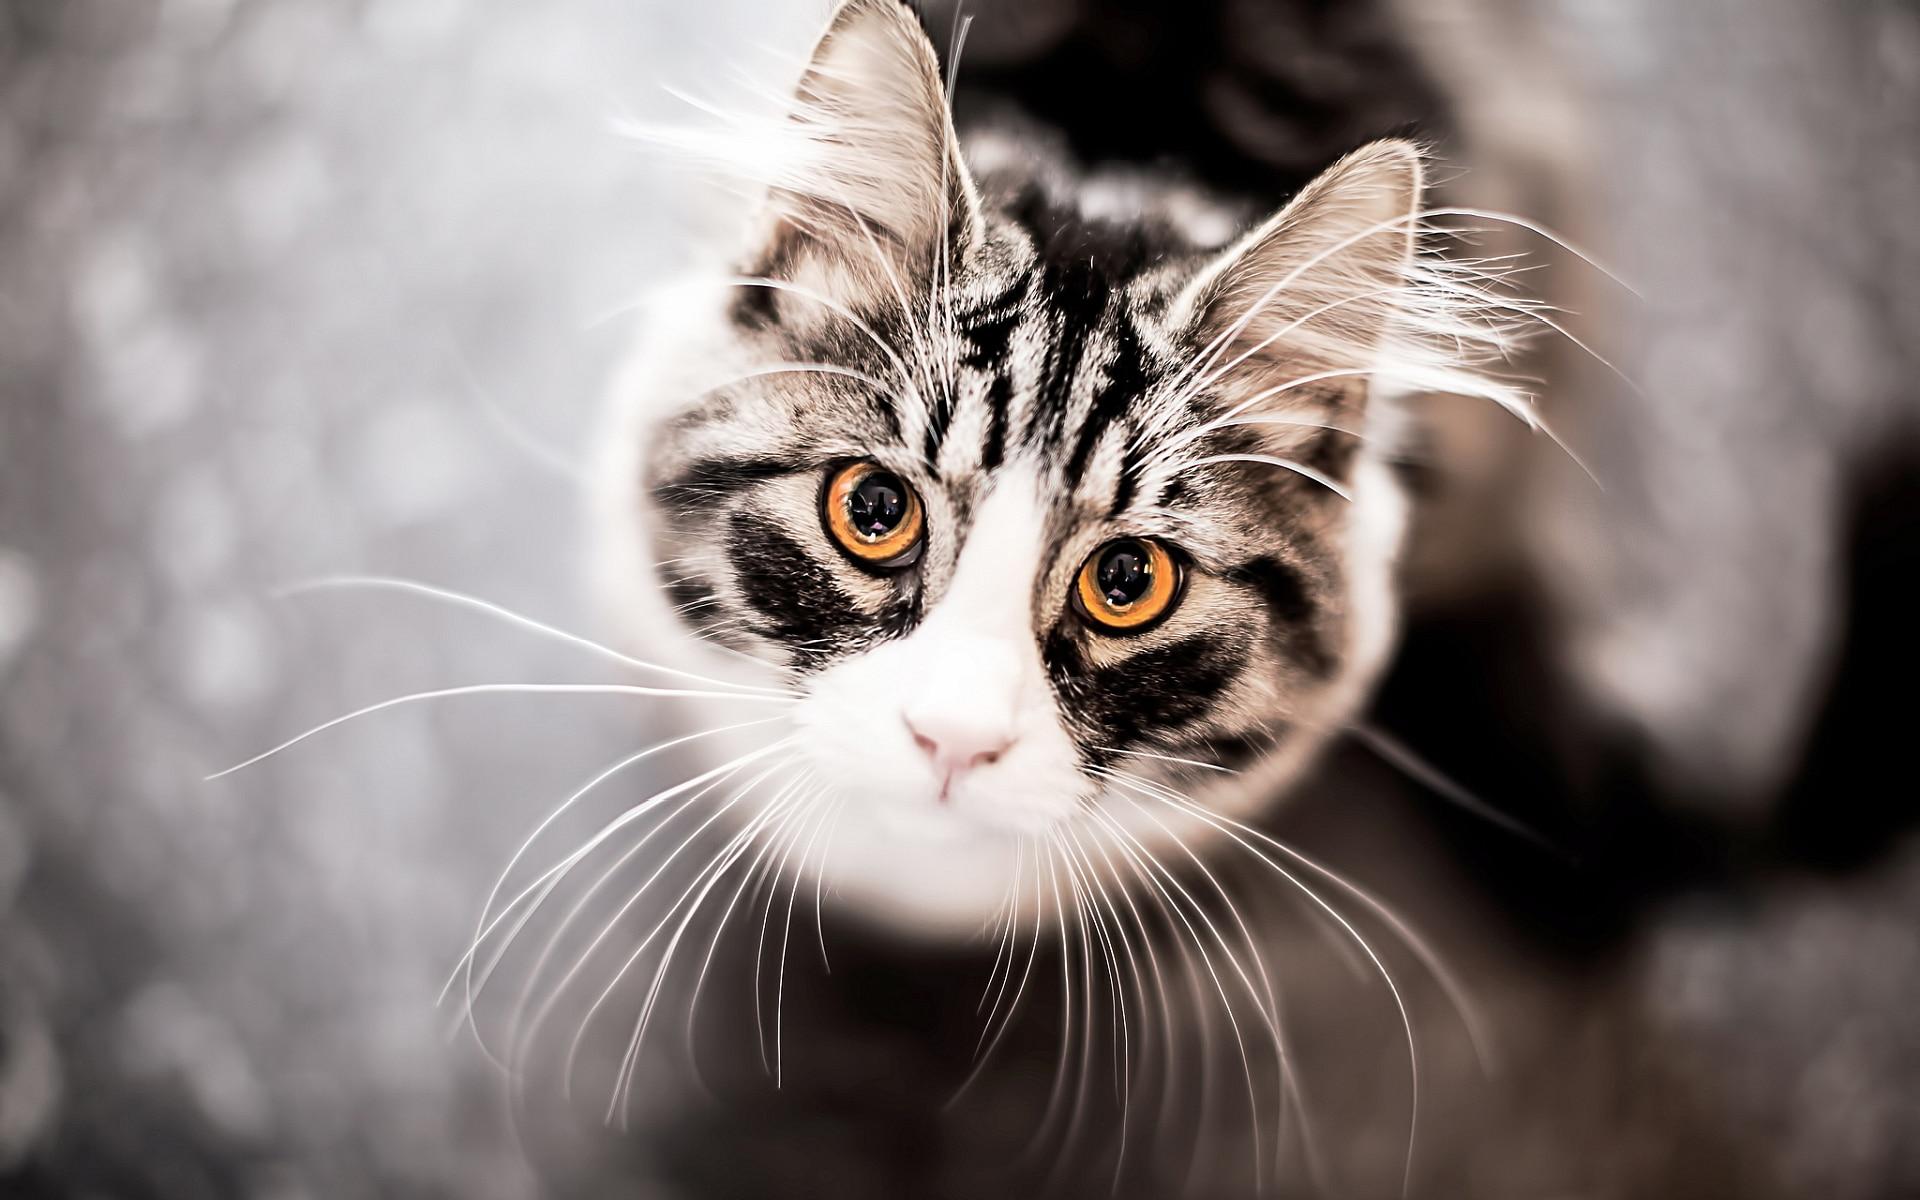 Las orejas del gato son curiosas